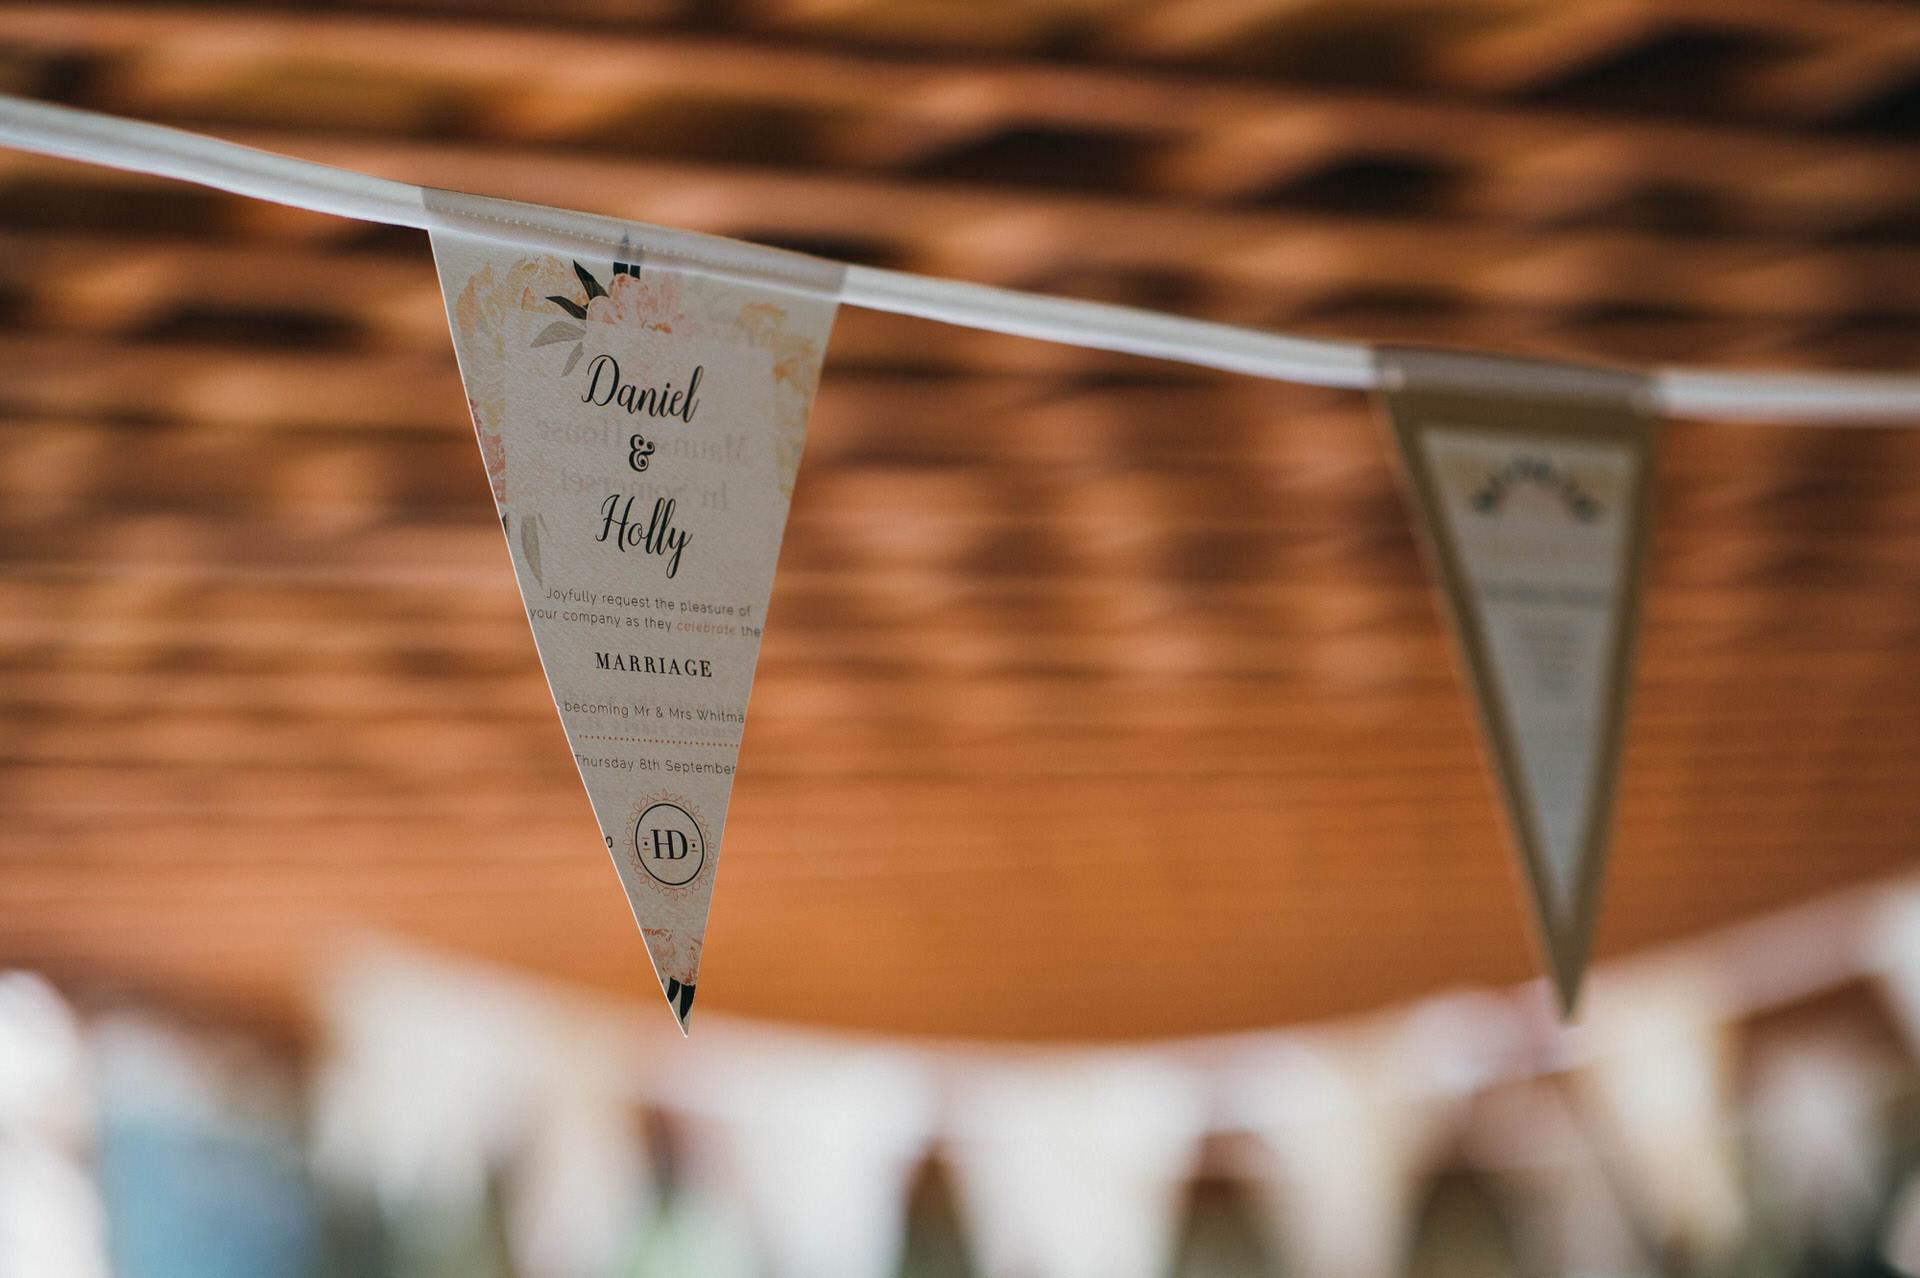 Maunsel house wedding photography 03 wedding details